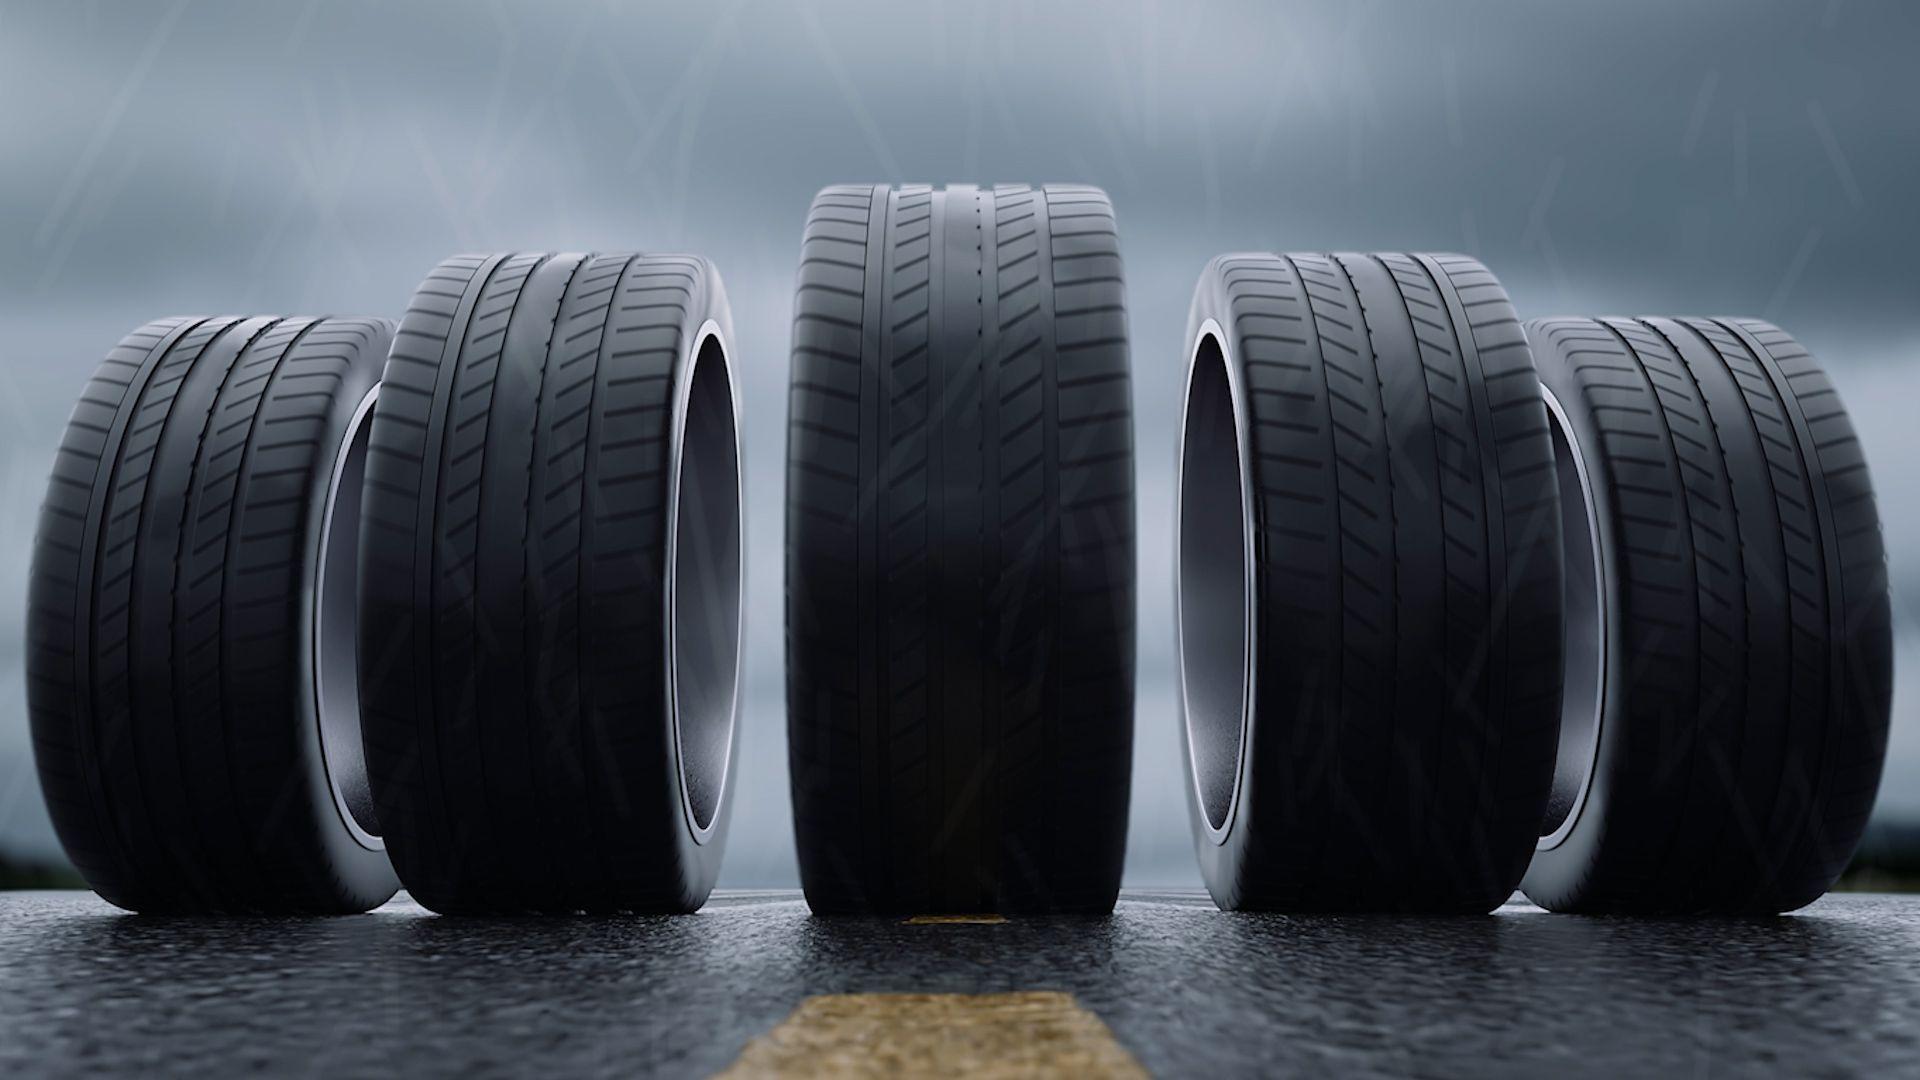 Sicherheitshinweis: Austauschprogramm für PKW Reifen der Marken Continental und General Tire